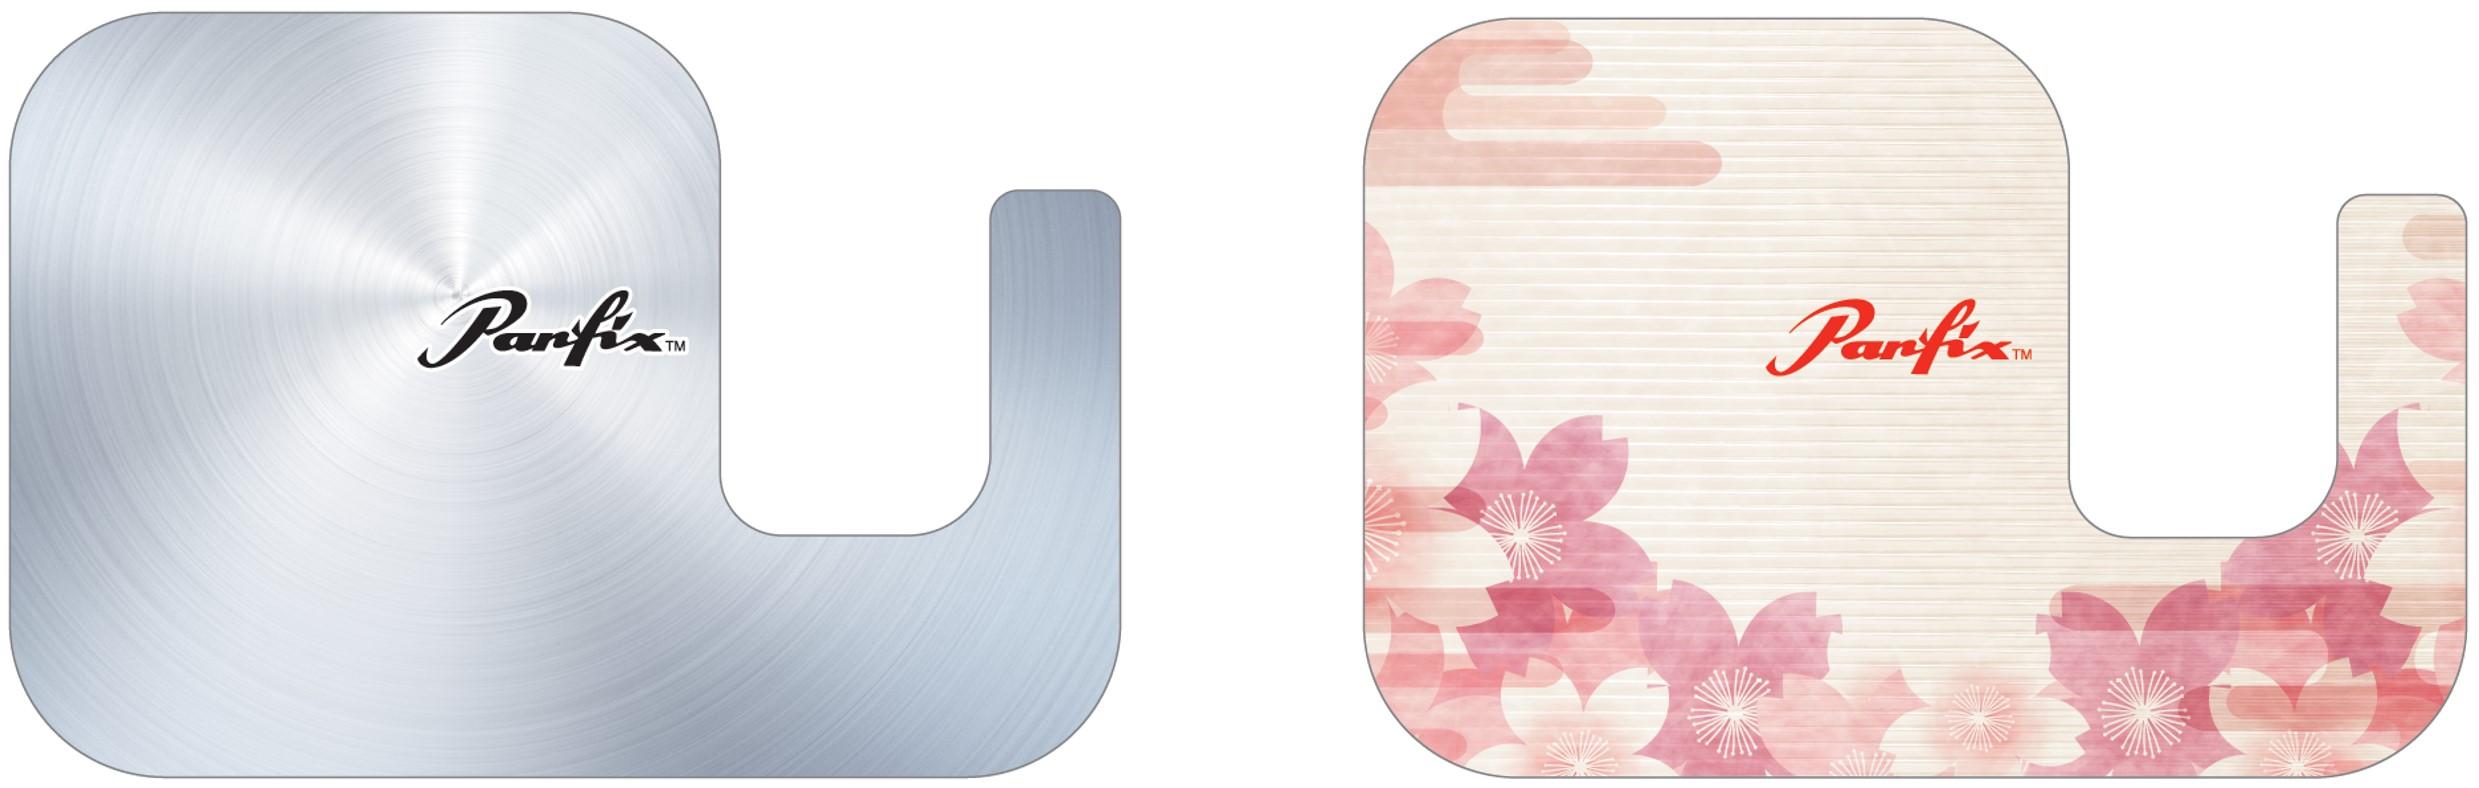 Simple design series